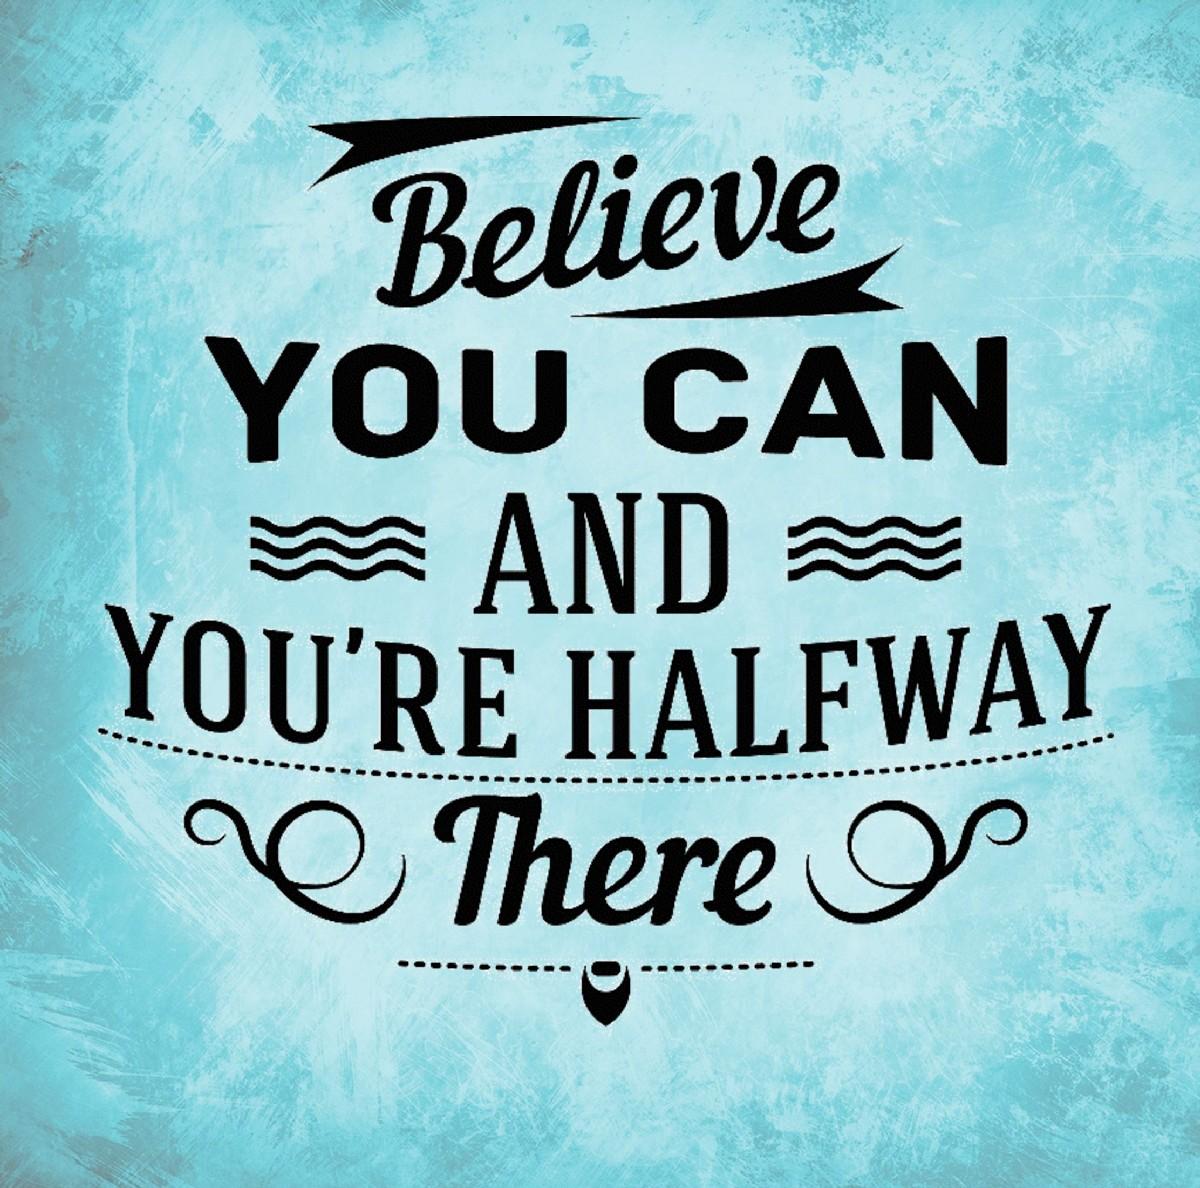 Arbeitsalltag Entrepreneur, Motivation, Motivation Gründer, Motivation Veränderung, Nimm dein Leben in die Hand, Leben verändern, Unternehmen gründen